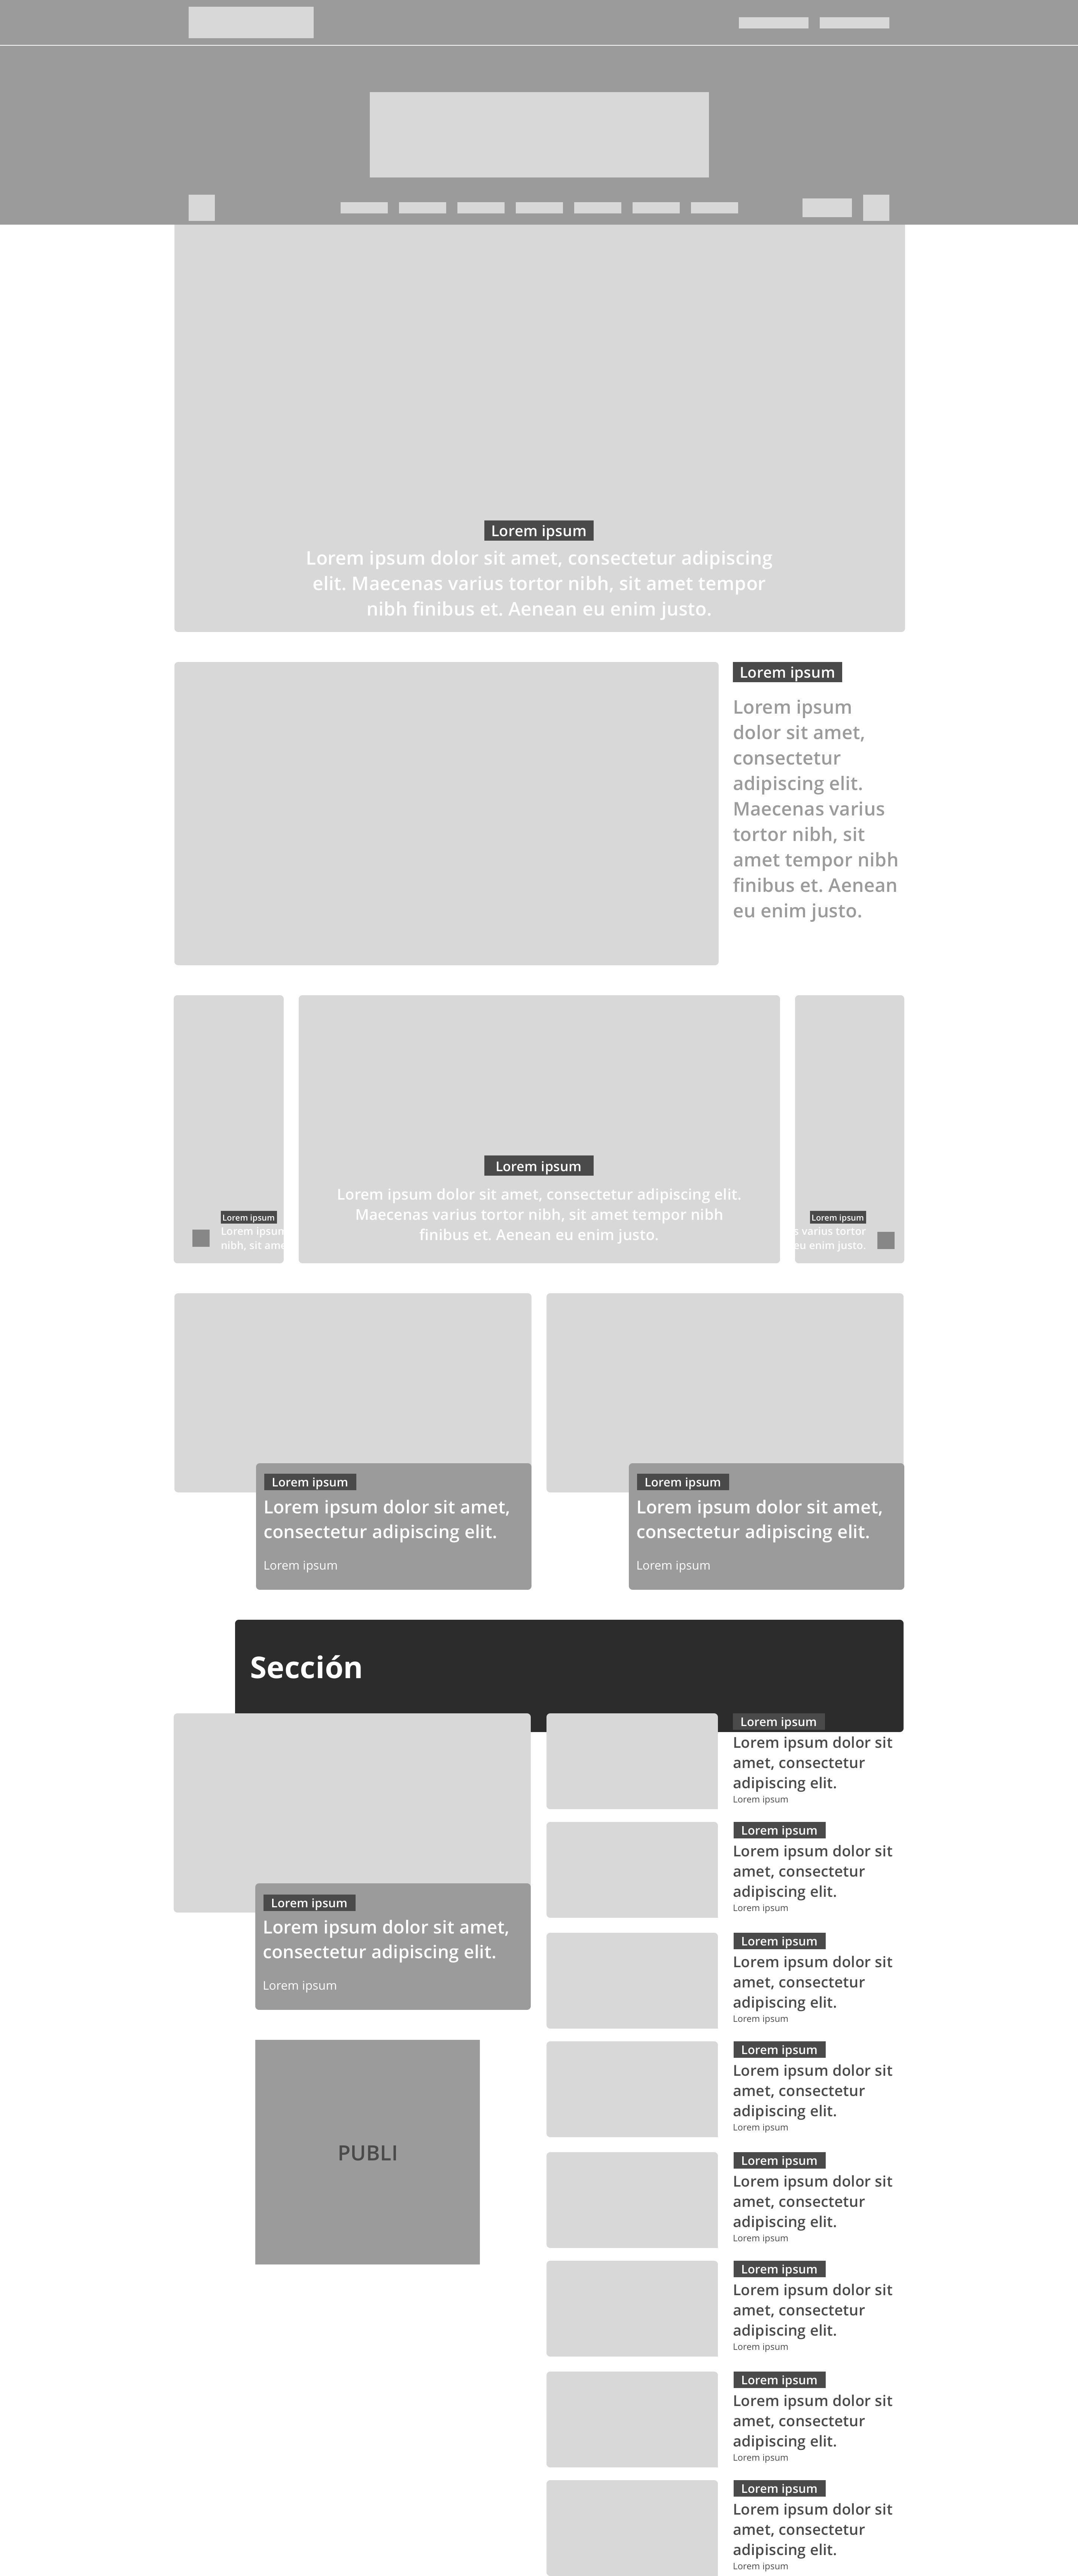 gentleman-wireframe-home-desktop1